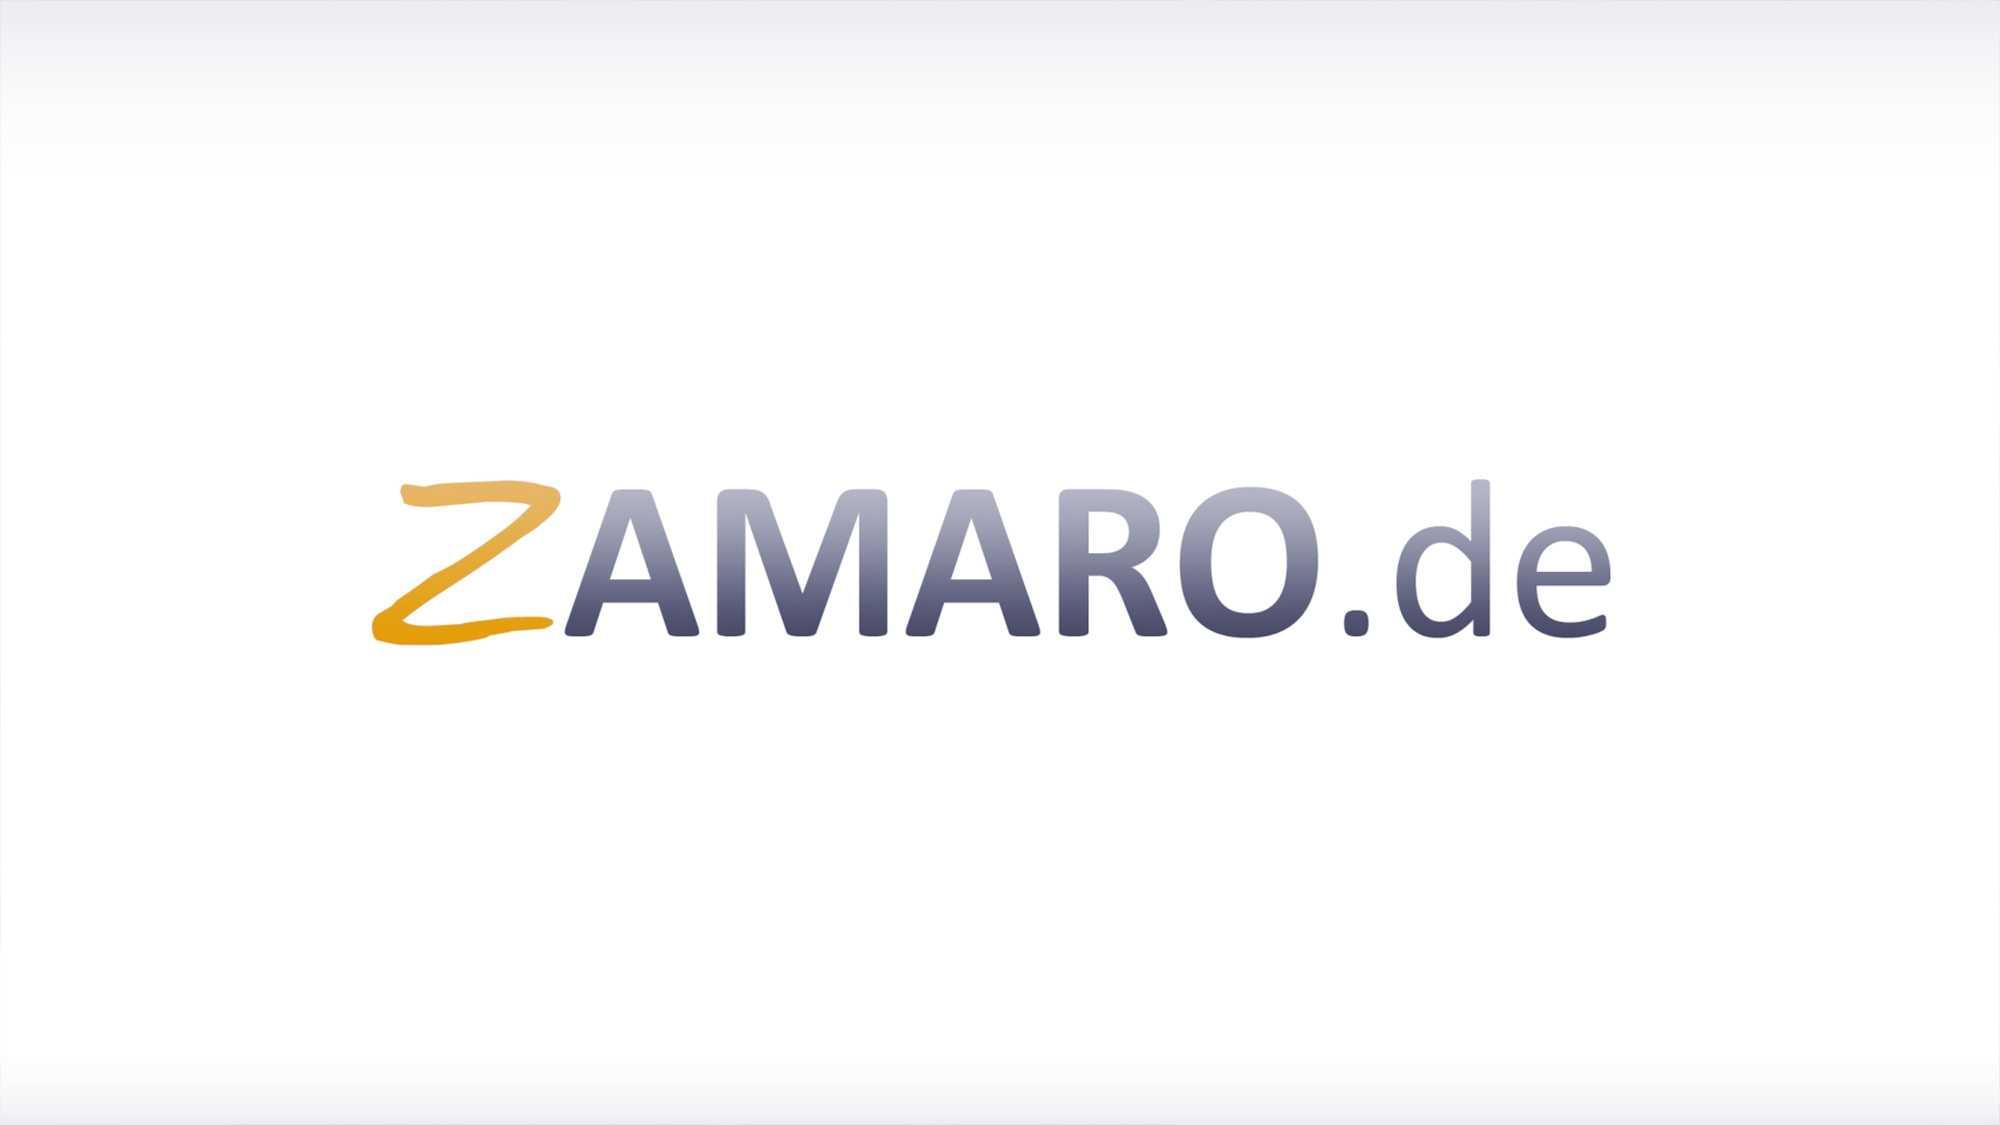 """Das Bild zeigt einen Hintergrund in der Farbe weiß. Auf ihm eingebettet ist das Wort """"Zamaro.de"""" zu lesen. Die Buchstaben sind schwarz, bis auf das Z, dieses ist gelb. Das Bild dient als Sliderbild für den Portfolioeintrag Zamaro von Panda Pictures."""